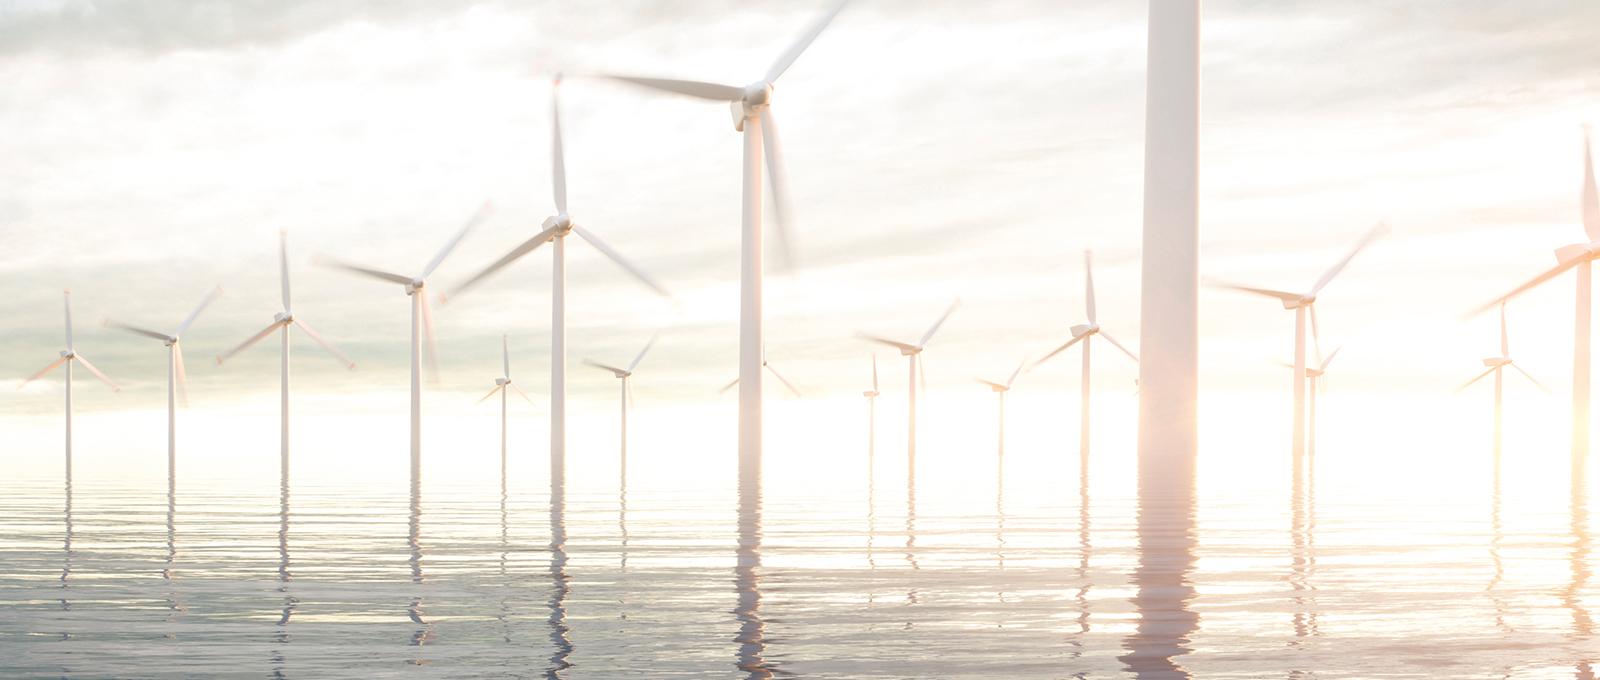 Prysmian punta sulla transizione energetica: 50% dei ricavi da prodotti low carbon entro il 2022